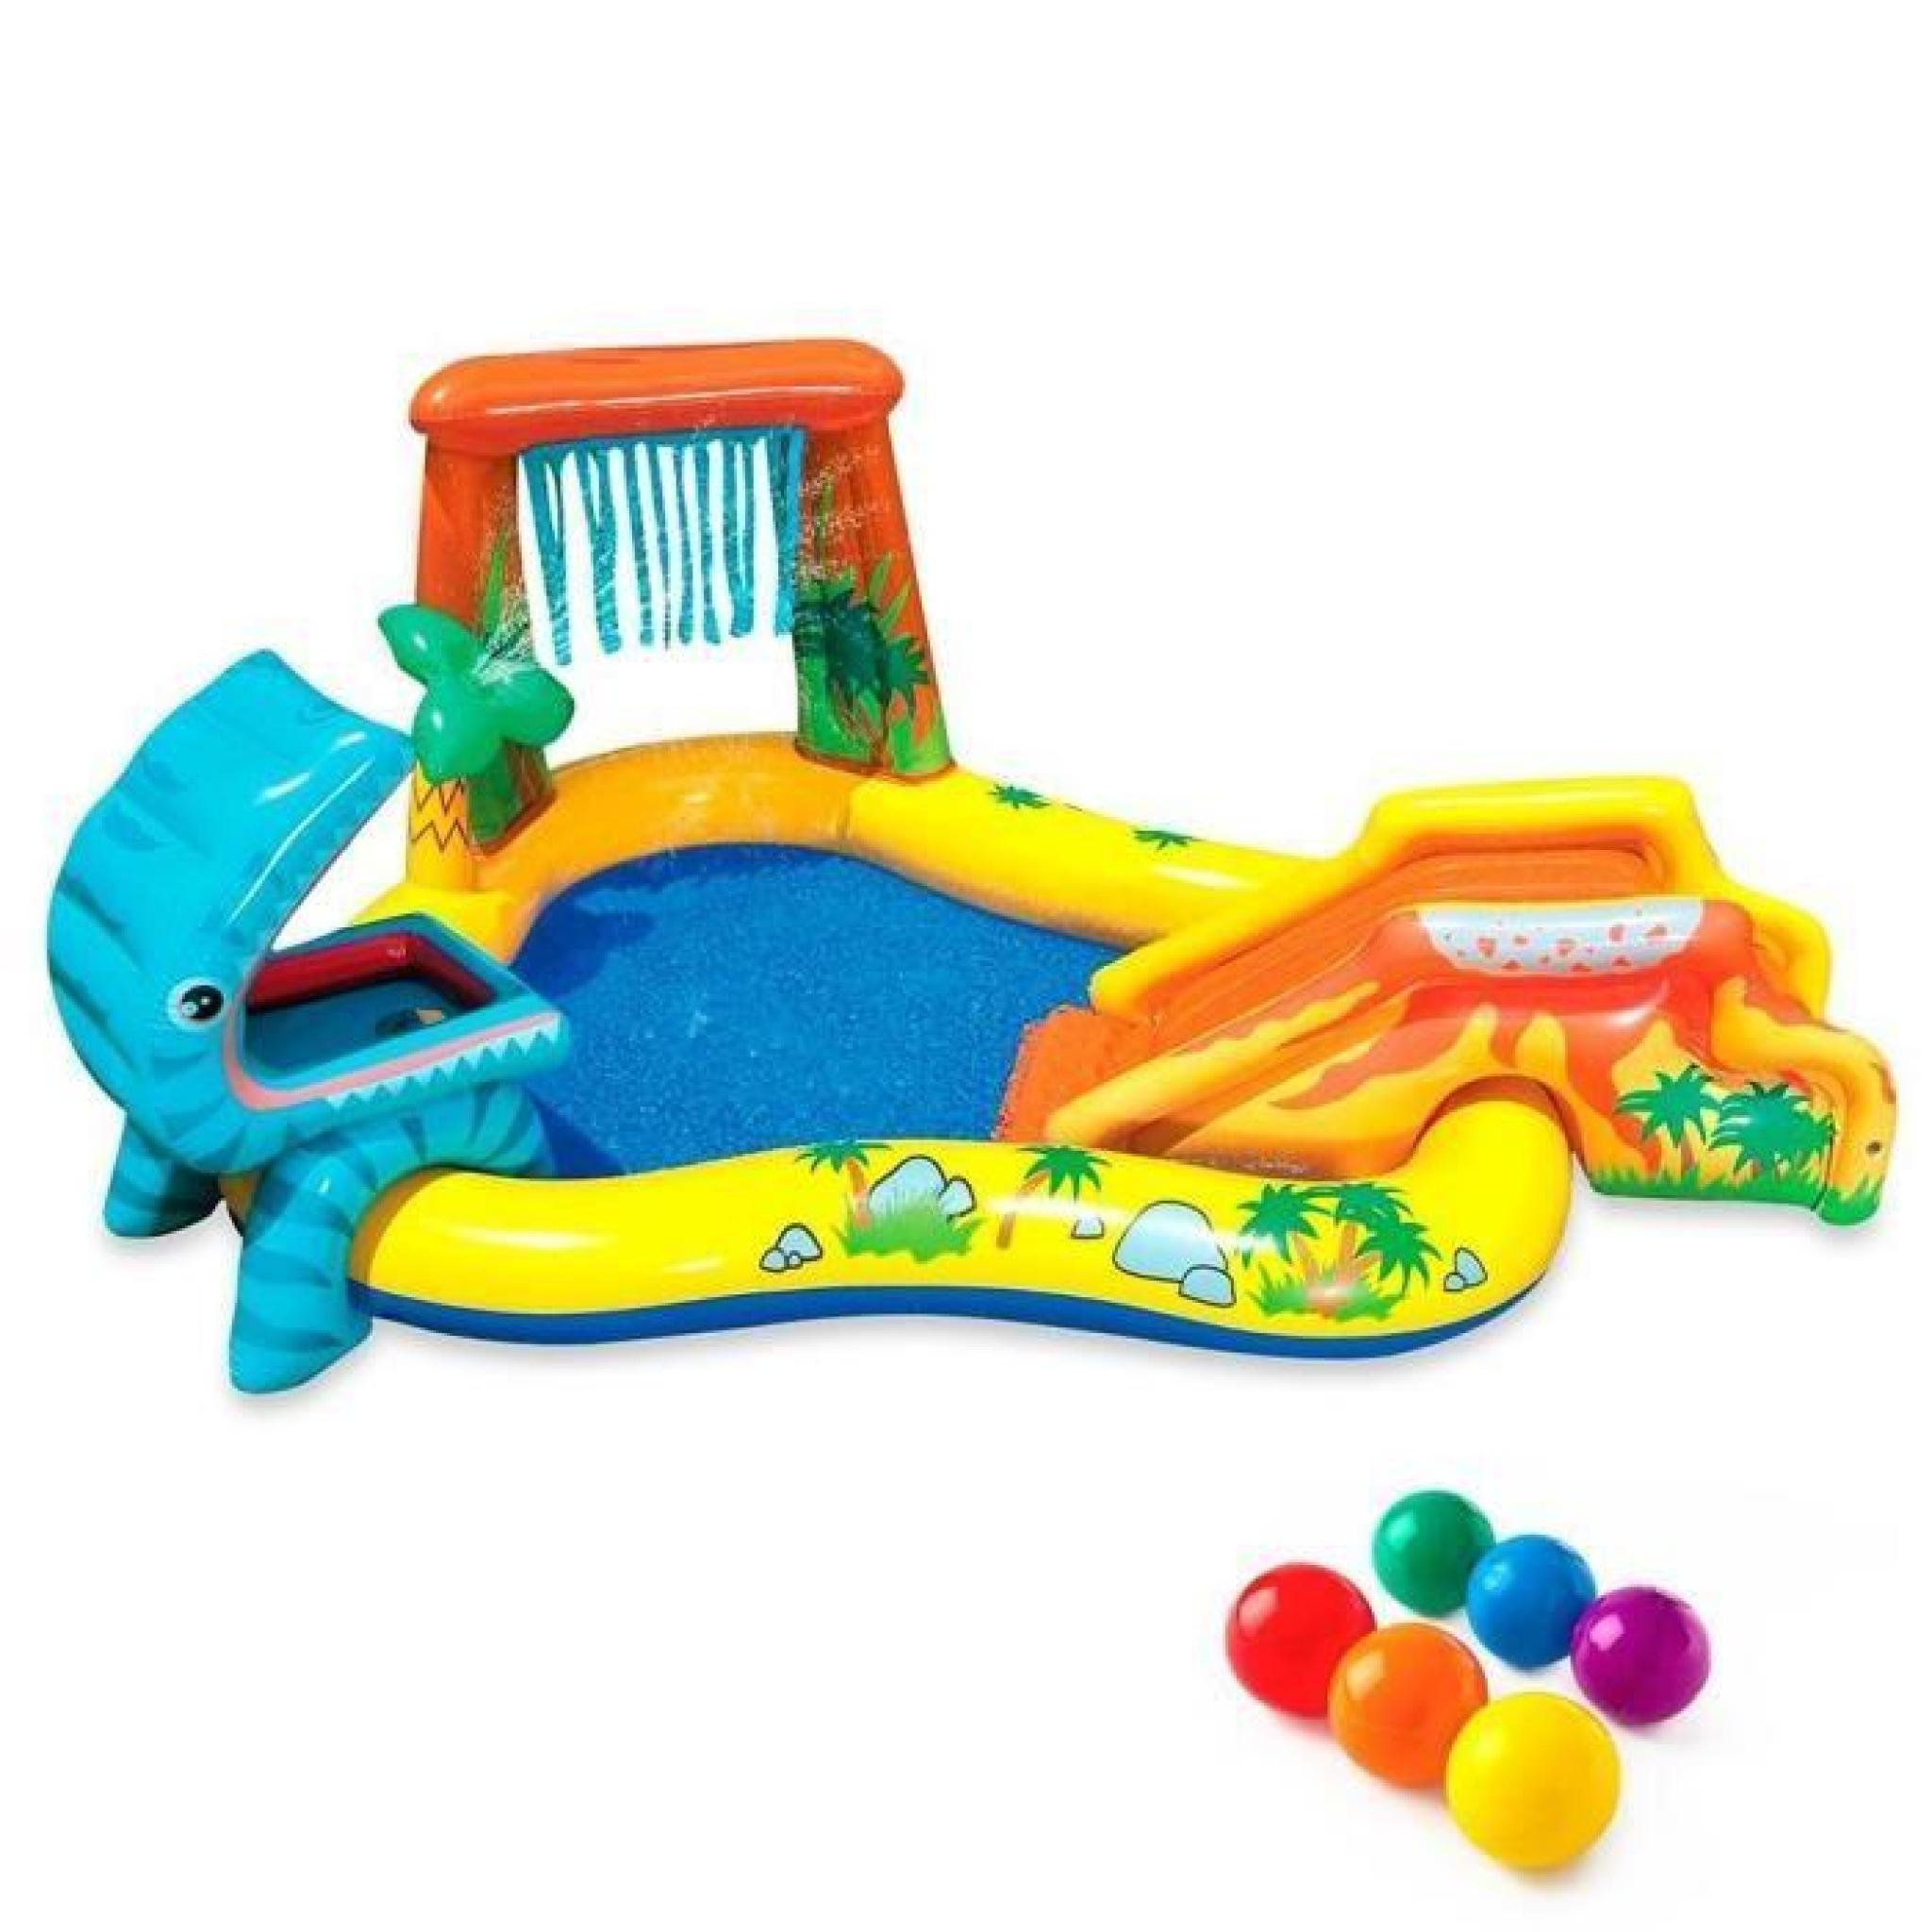 Intex Piscine Gonflable Enfant / Aire De Jeux Aquatique 297 X 193 X 135 Cm  Rainbow Avec Toboggan, Sprayer, Anneaux Gonflables Et Bal encequiconcerne Toboggan Piscine Gonflable